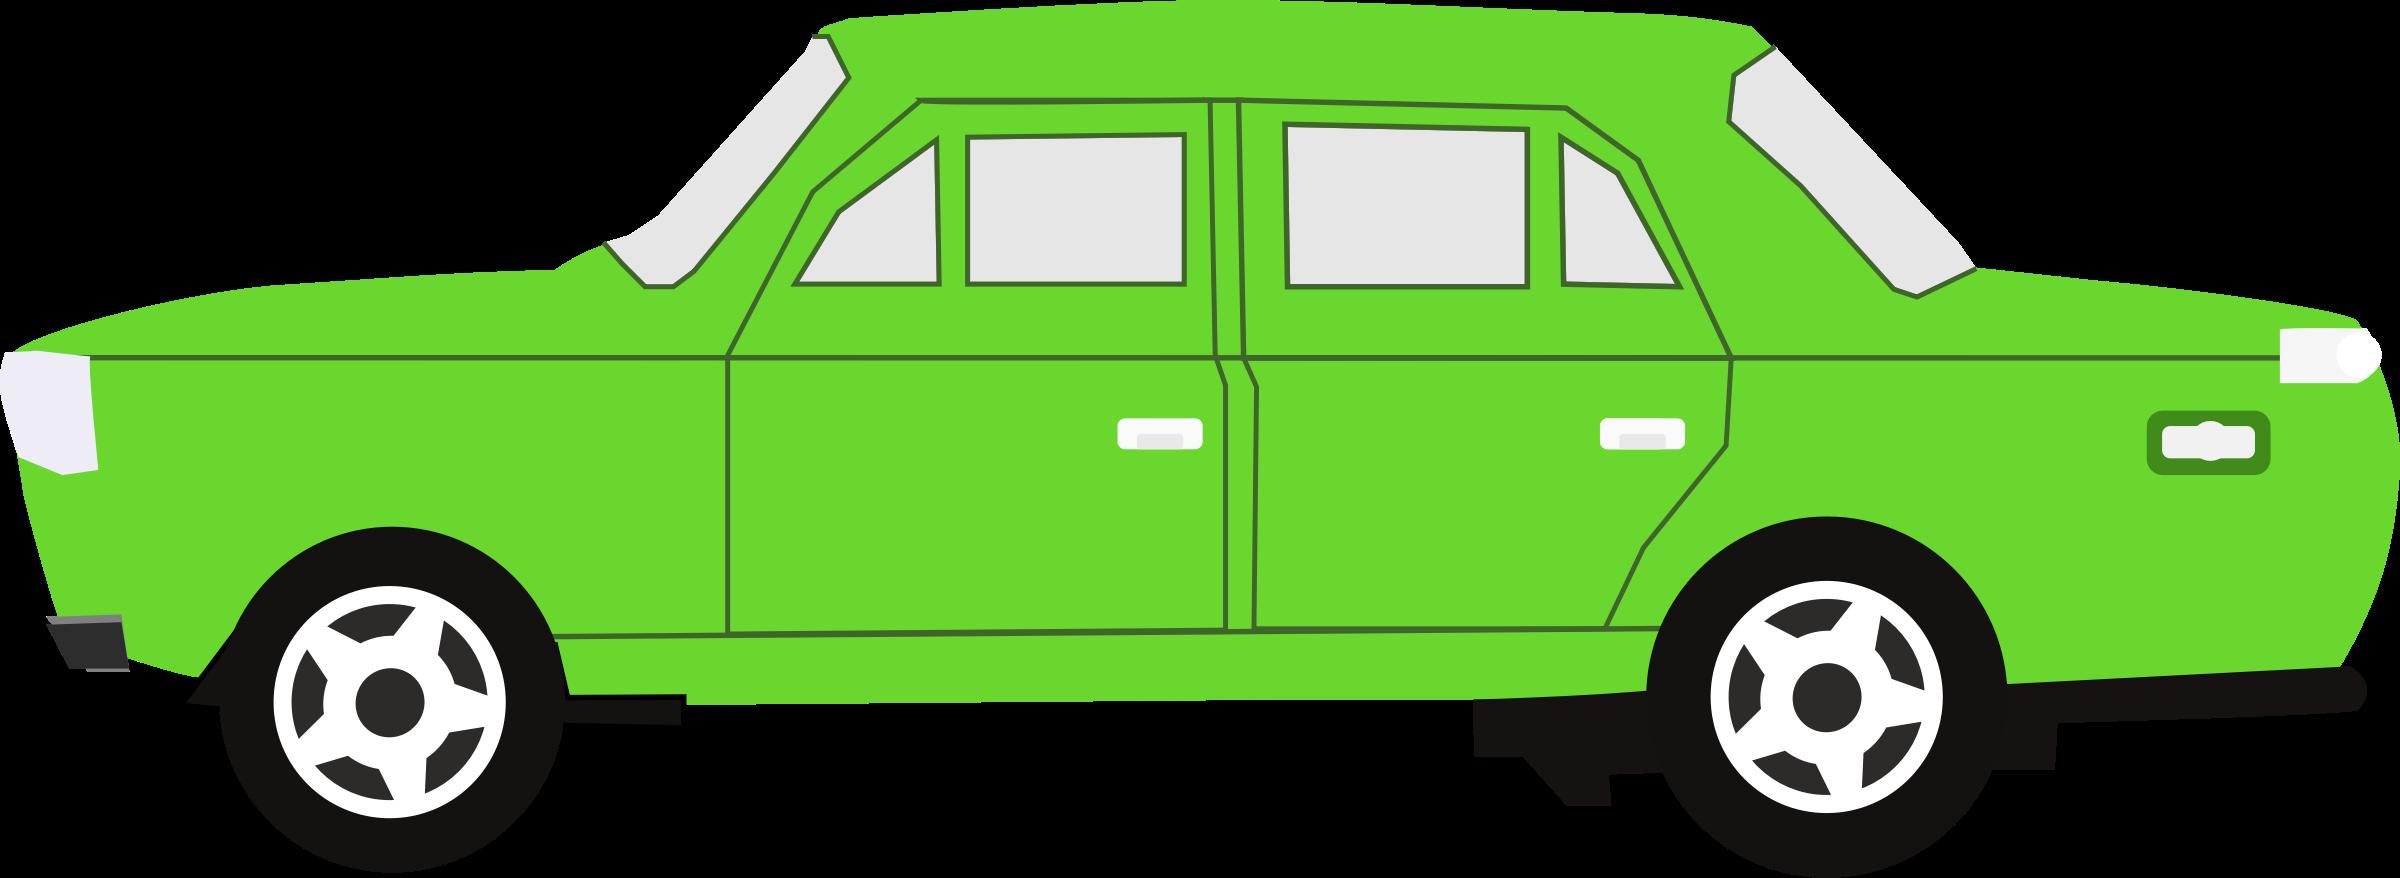 Clipart car green. Big image png